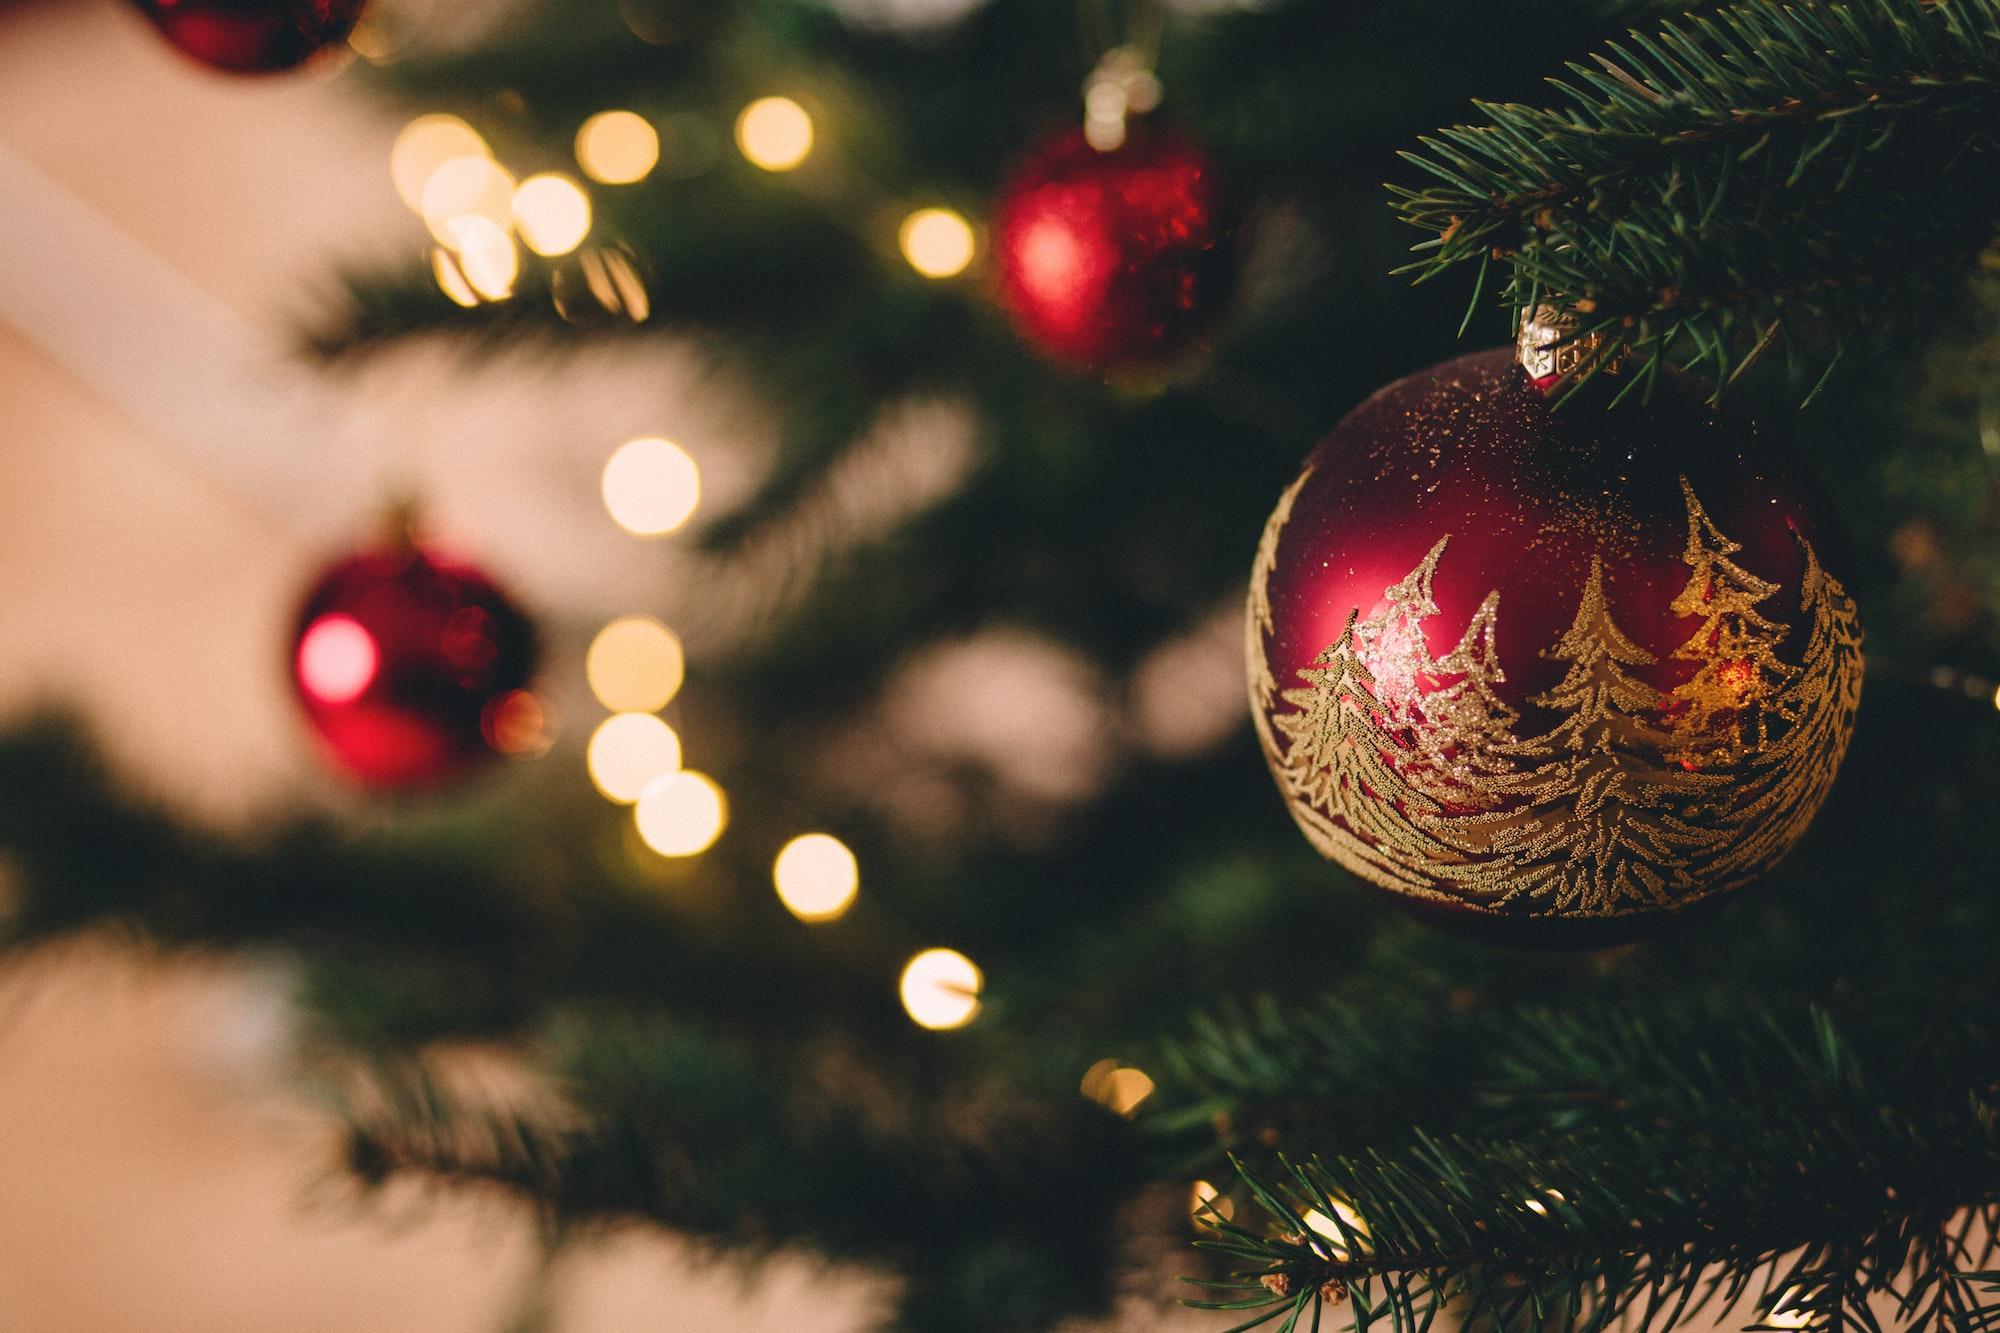 PKU at Christmas